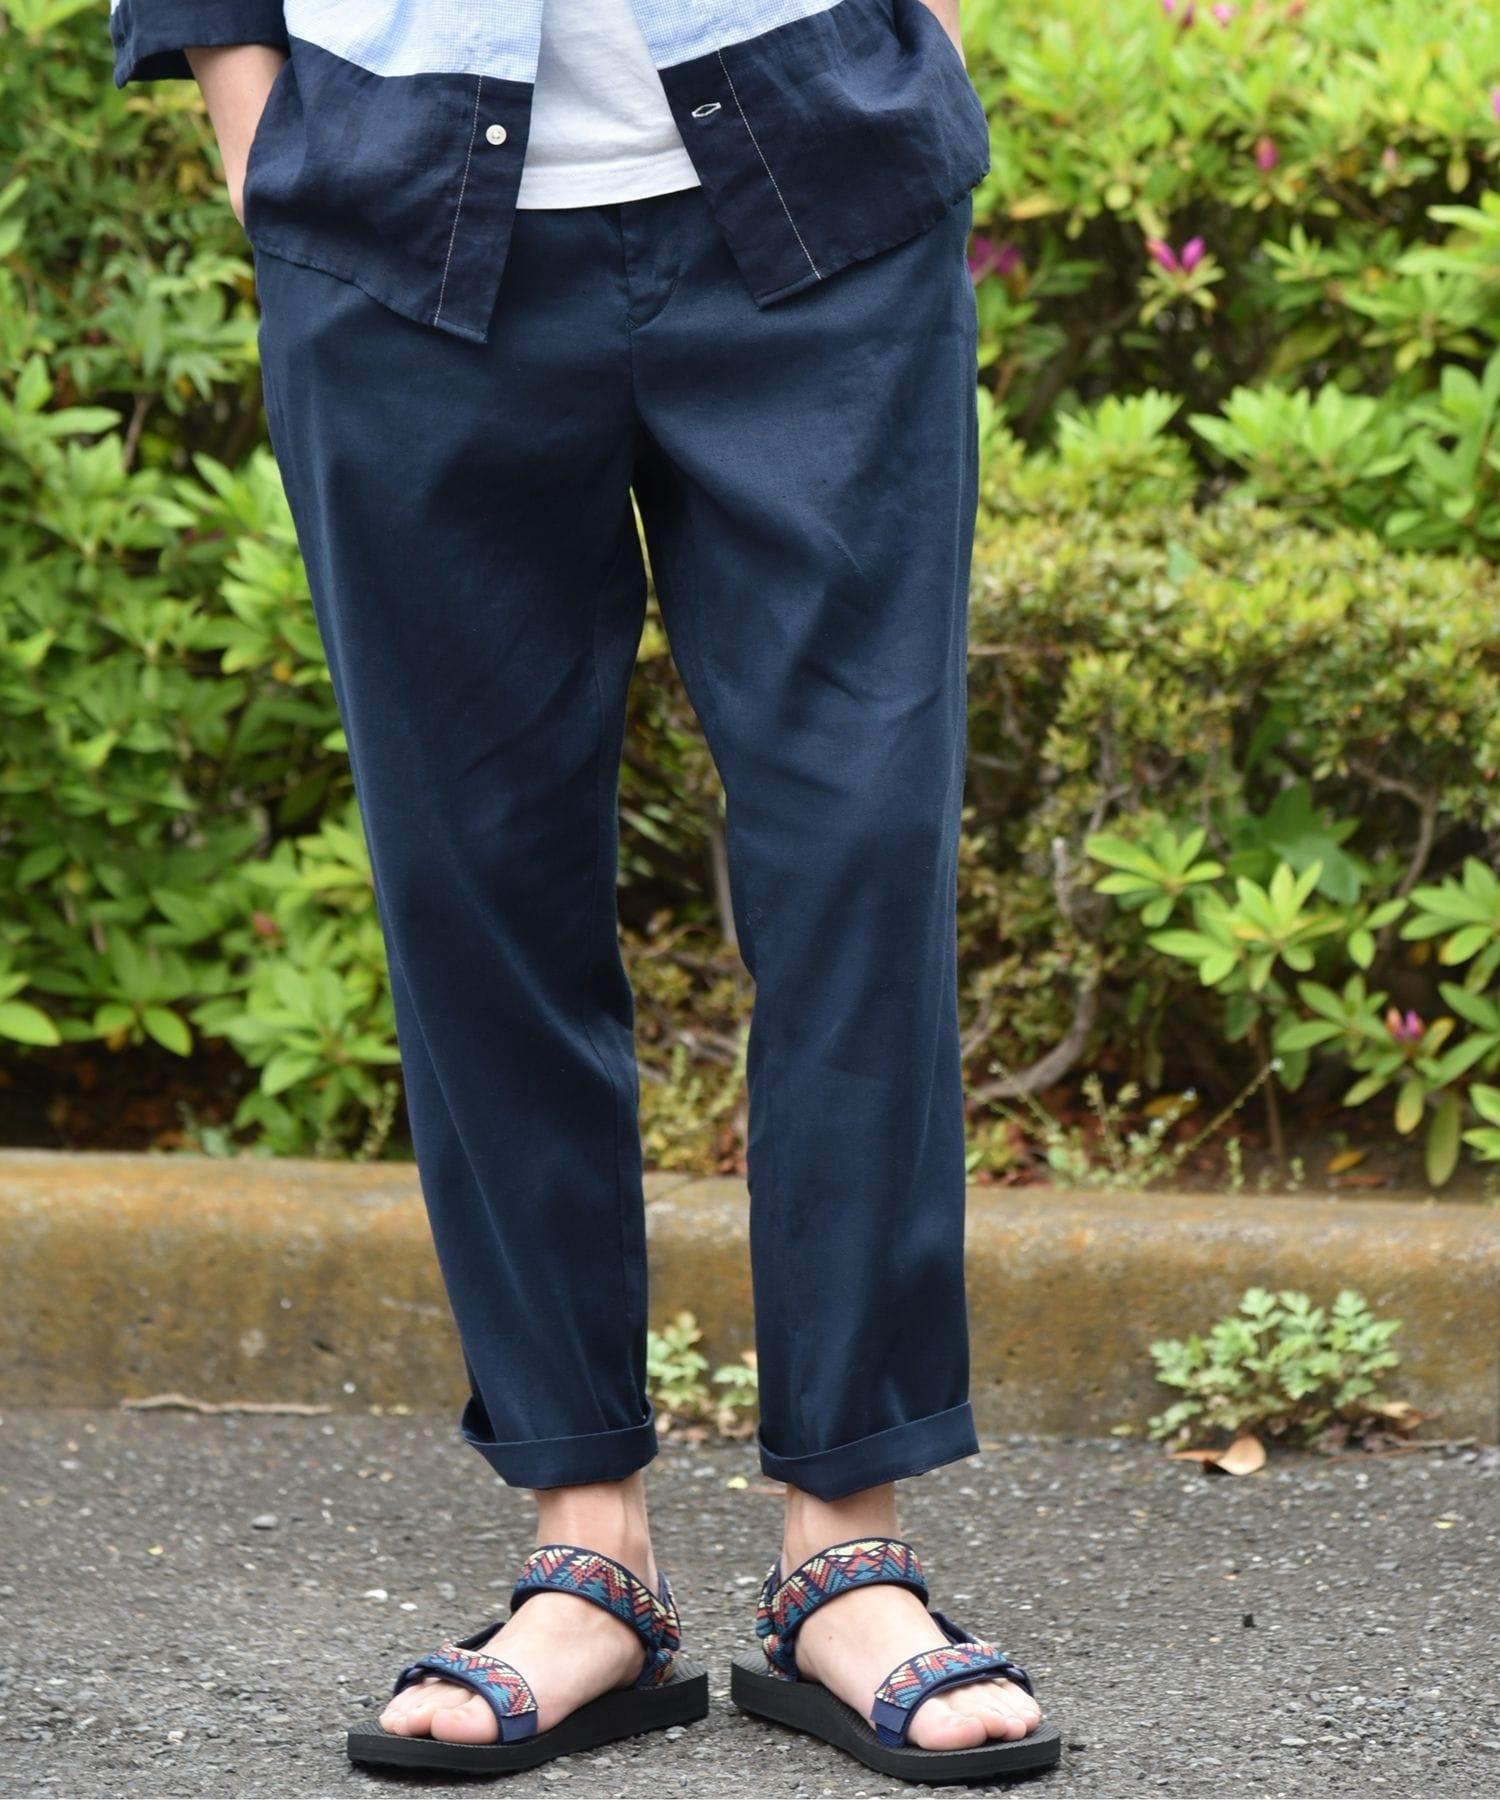 c414fdf6817c8 ゆったりとしたサイズで涼しく穿ける、履き心地抜群のリネンイージーパンツ